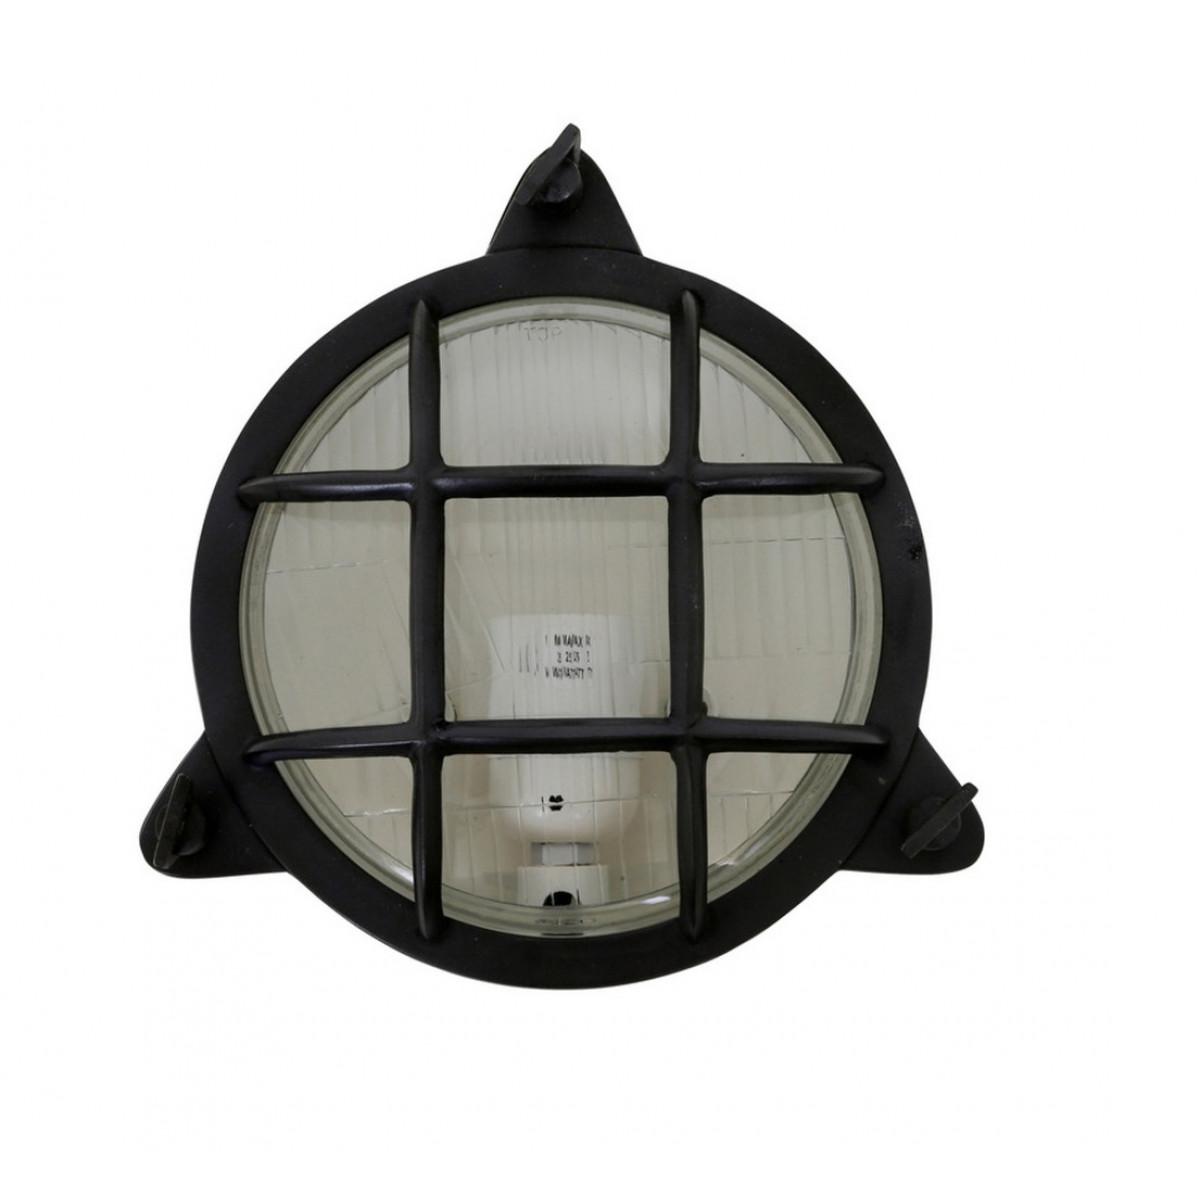 muur/plafond lamp Clipper antiek zwart